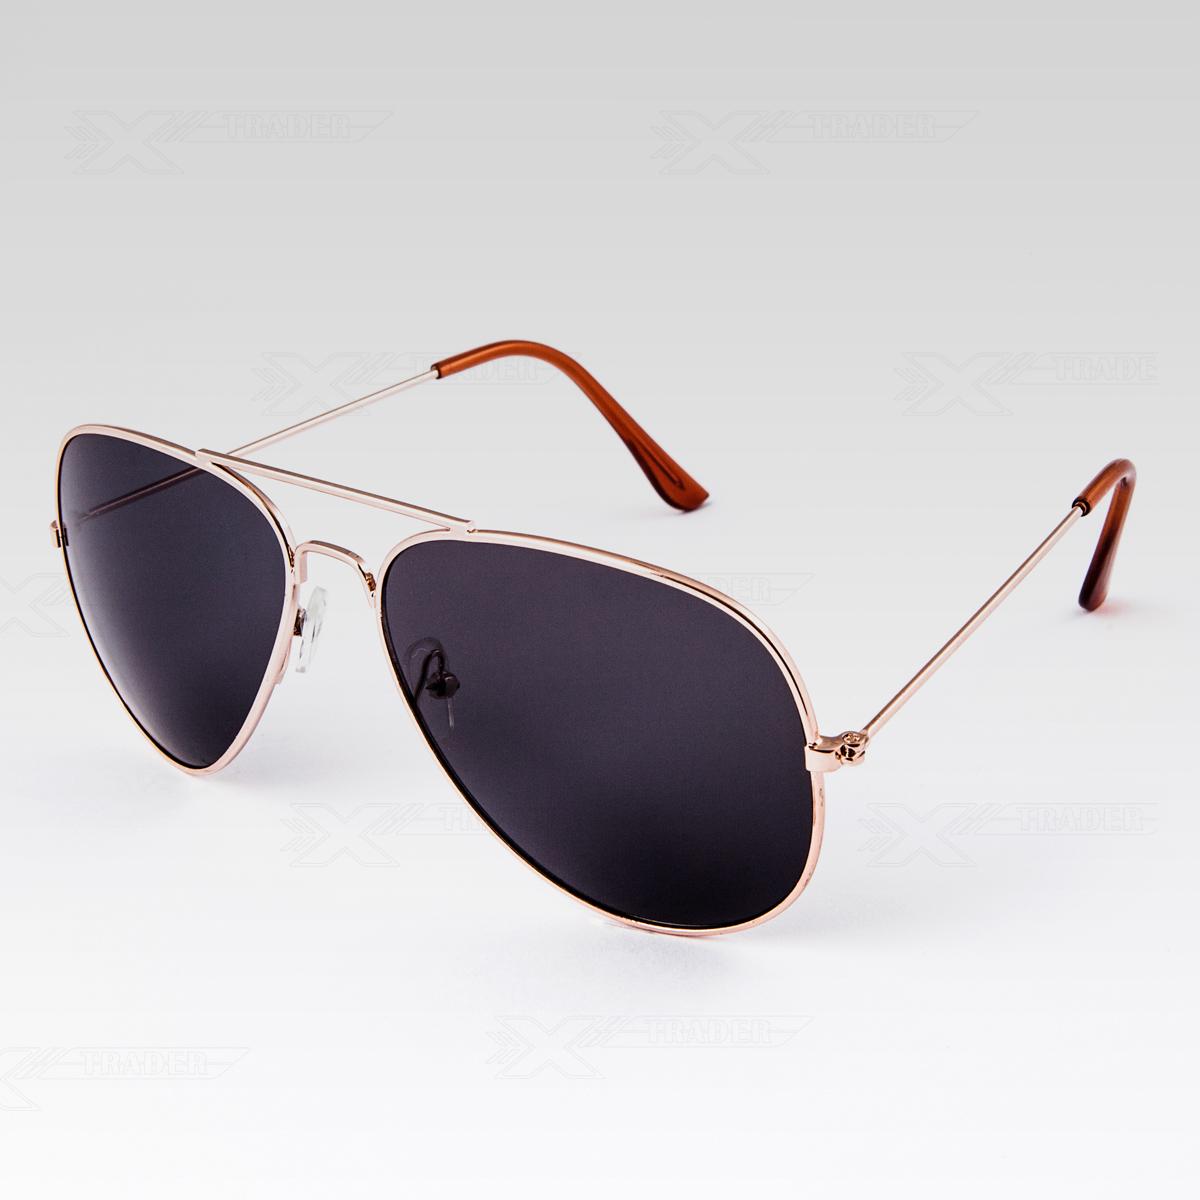 Sluneční brýle Pilotky zlaté obroučky černé